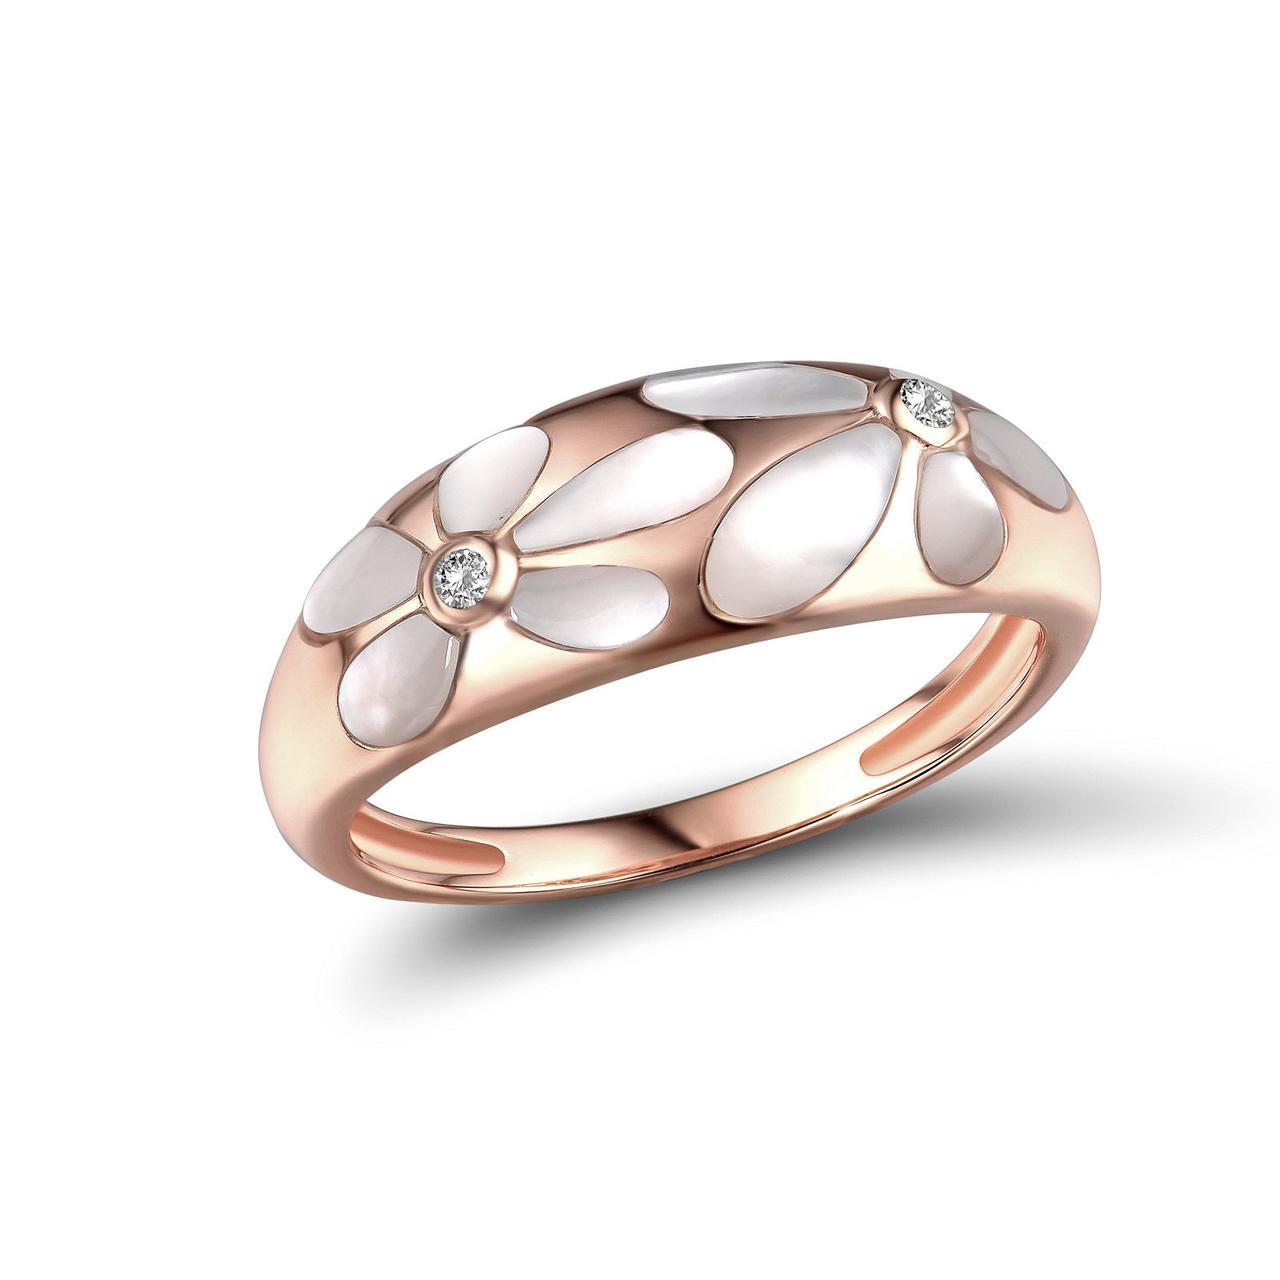 Золотое кольцо с бриллиантами и перламутром, размер 15.5 (1719594)